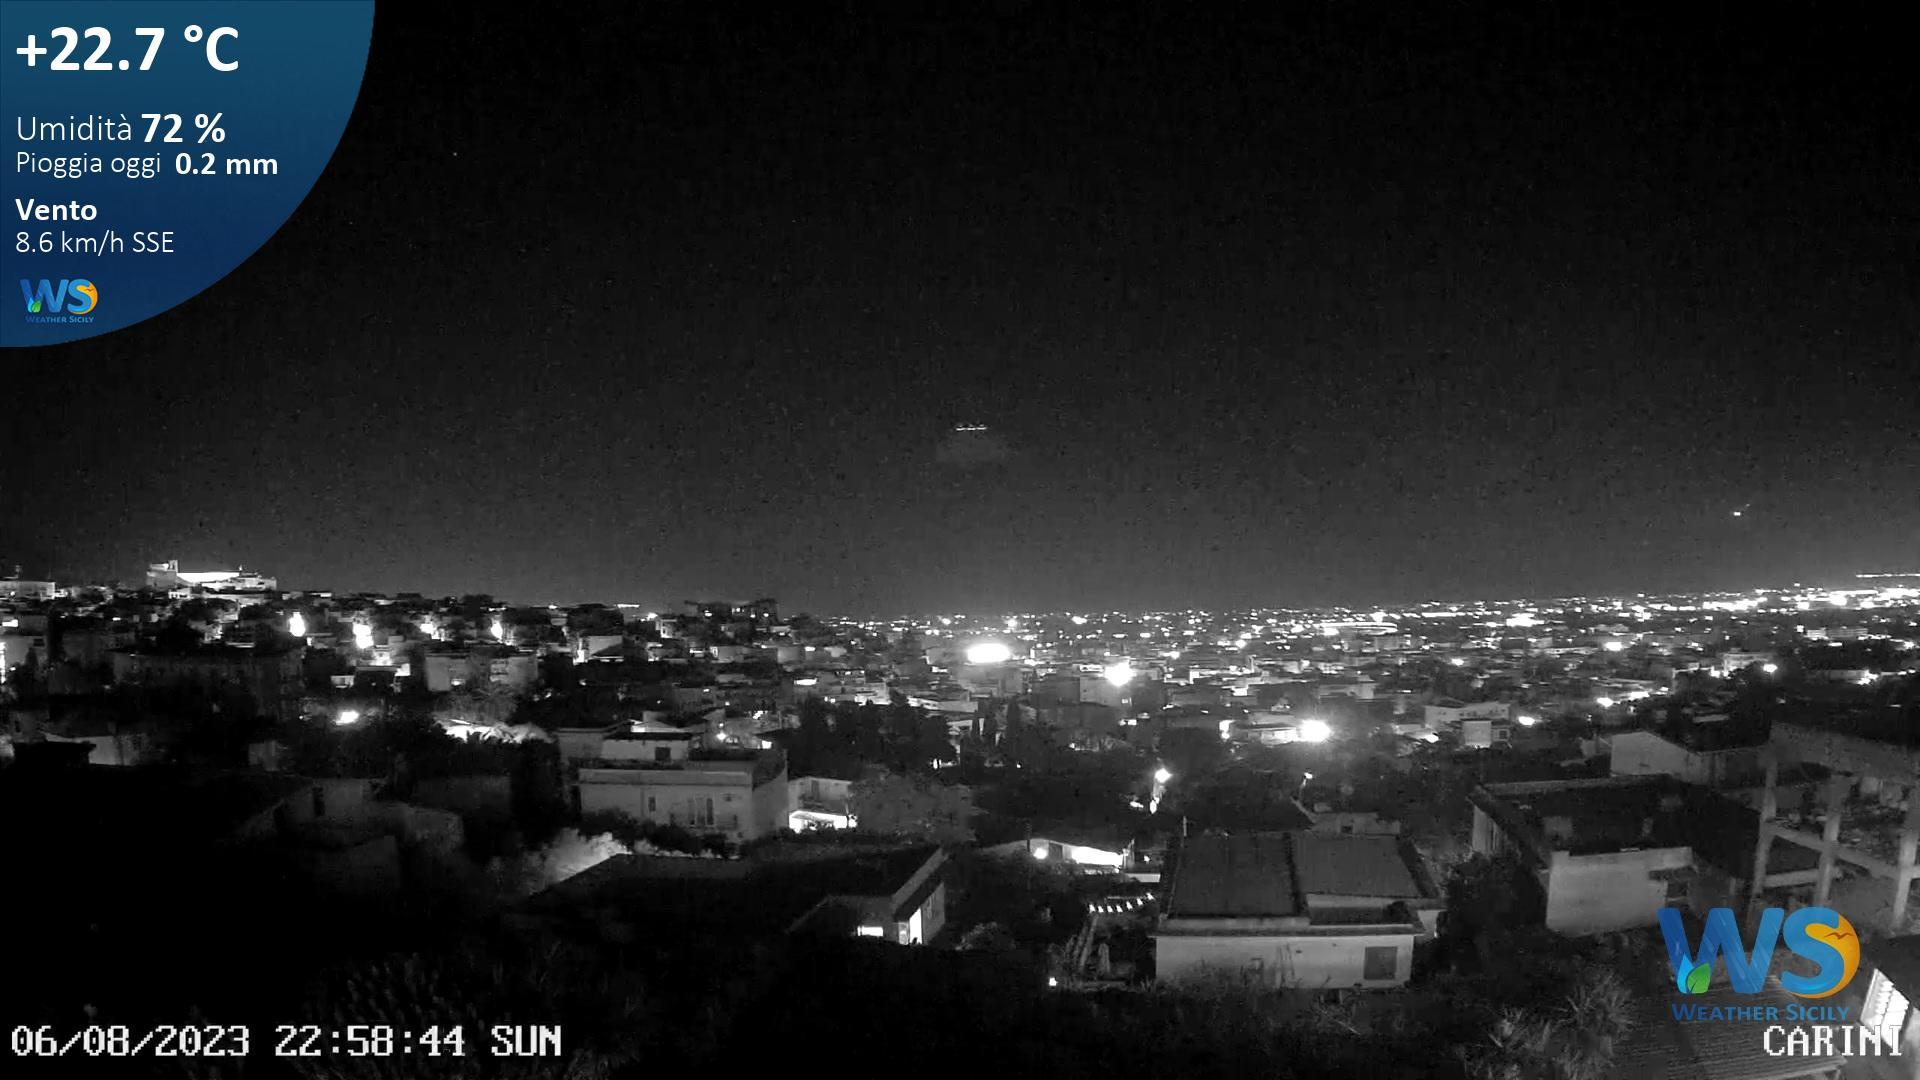 Webcam Carini › North: Comune Di Carini